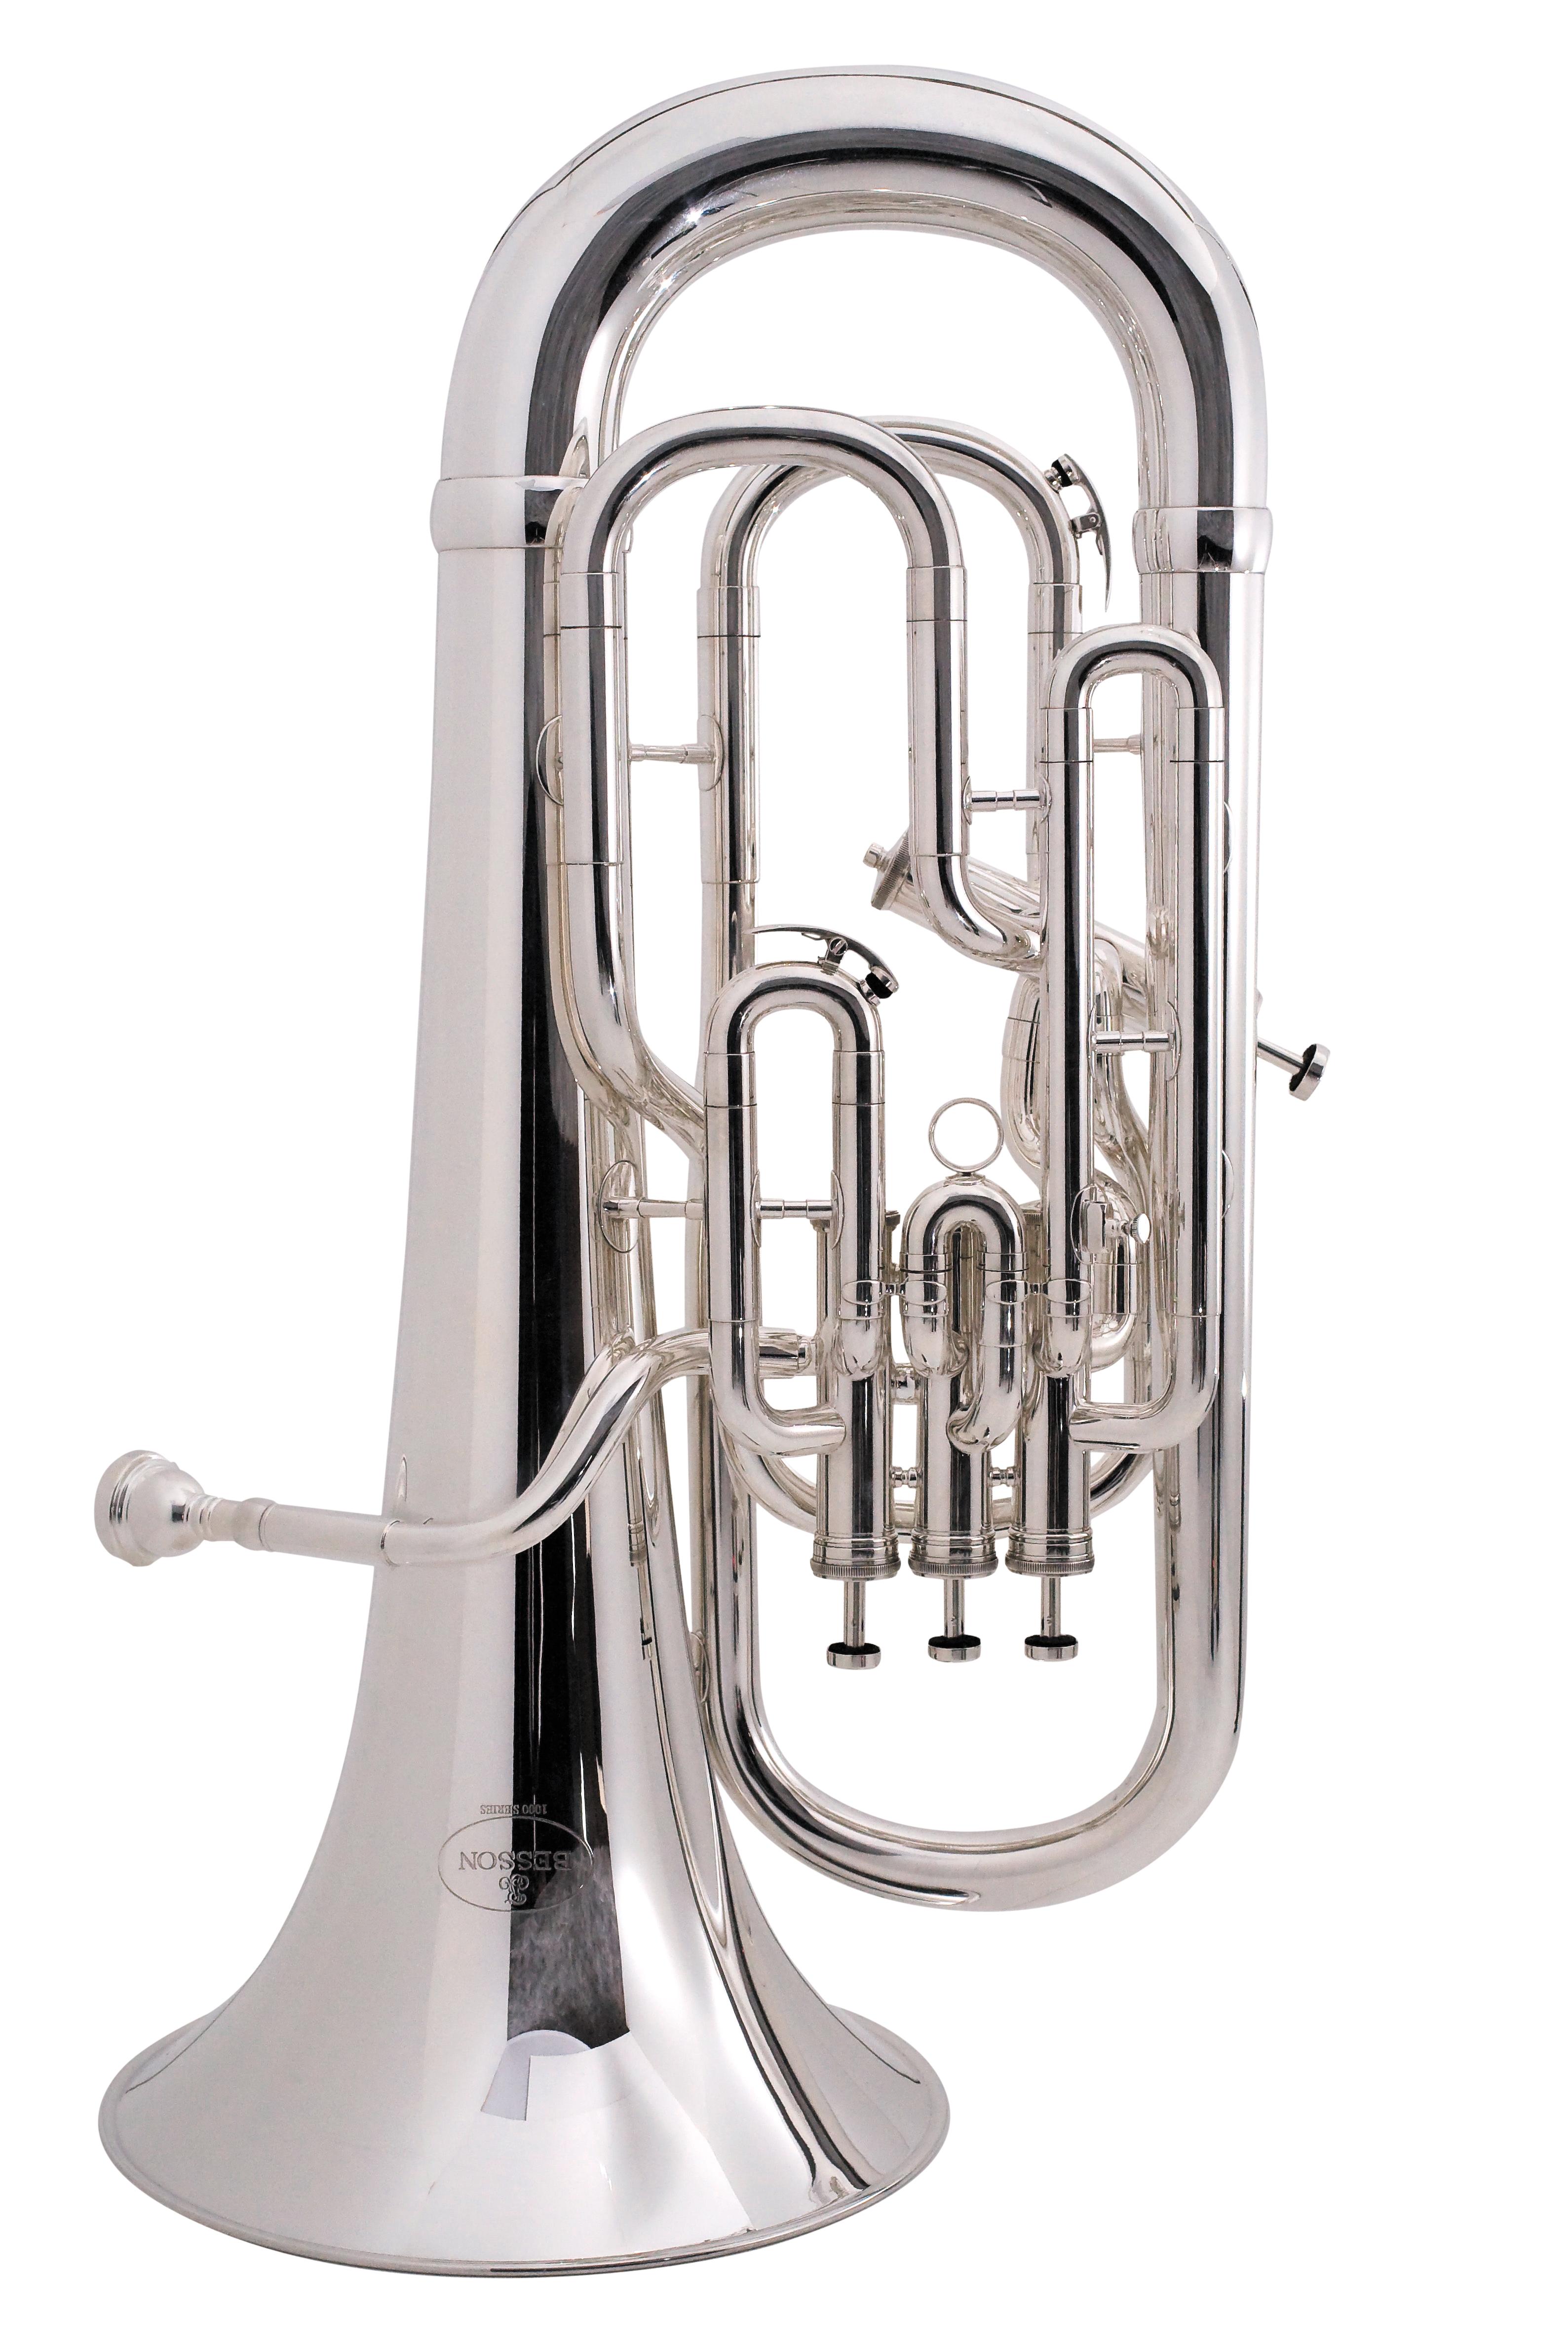 Besson - BE-165-2-0 - Blechblasinstrumente - Euphonien | MUSIK BERTRAM Deutschland Freiburg